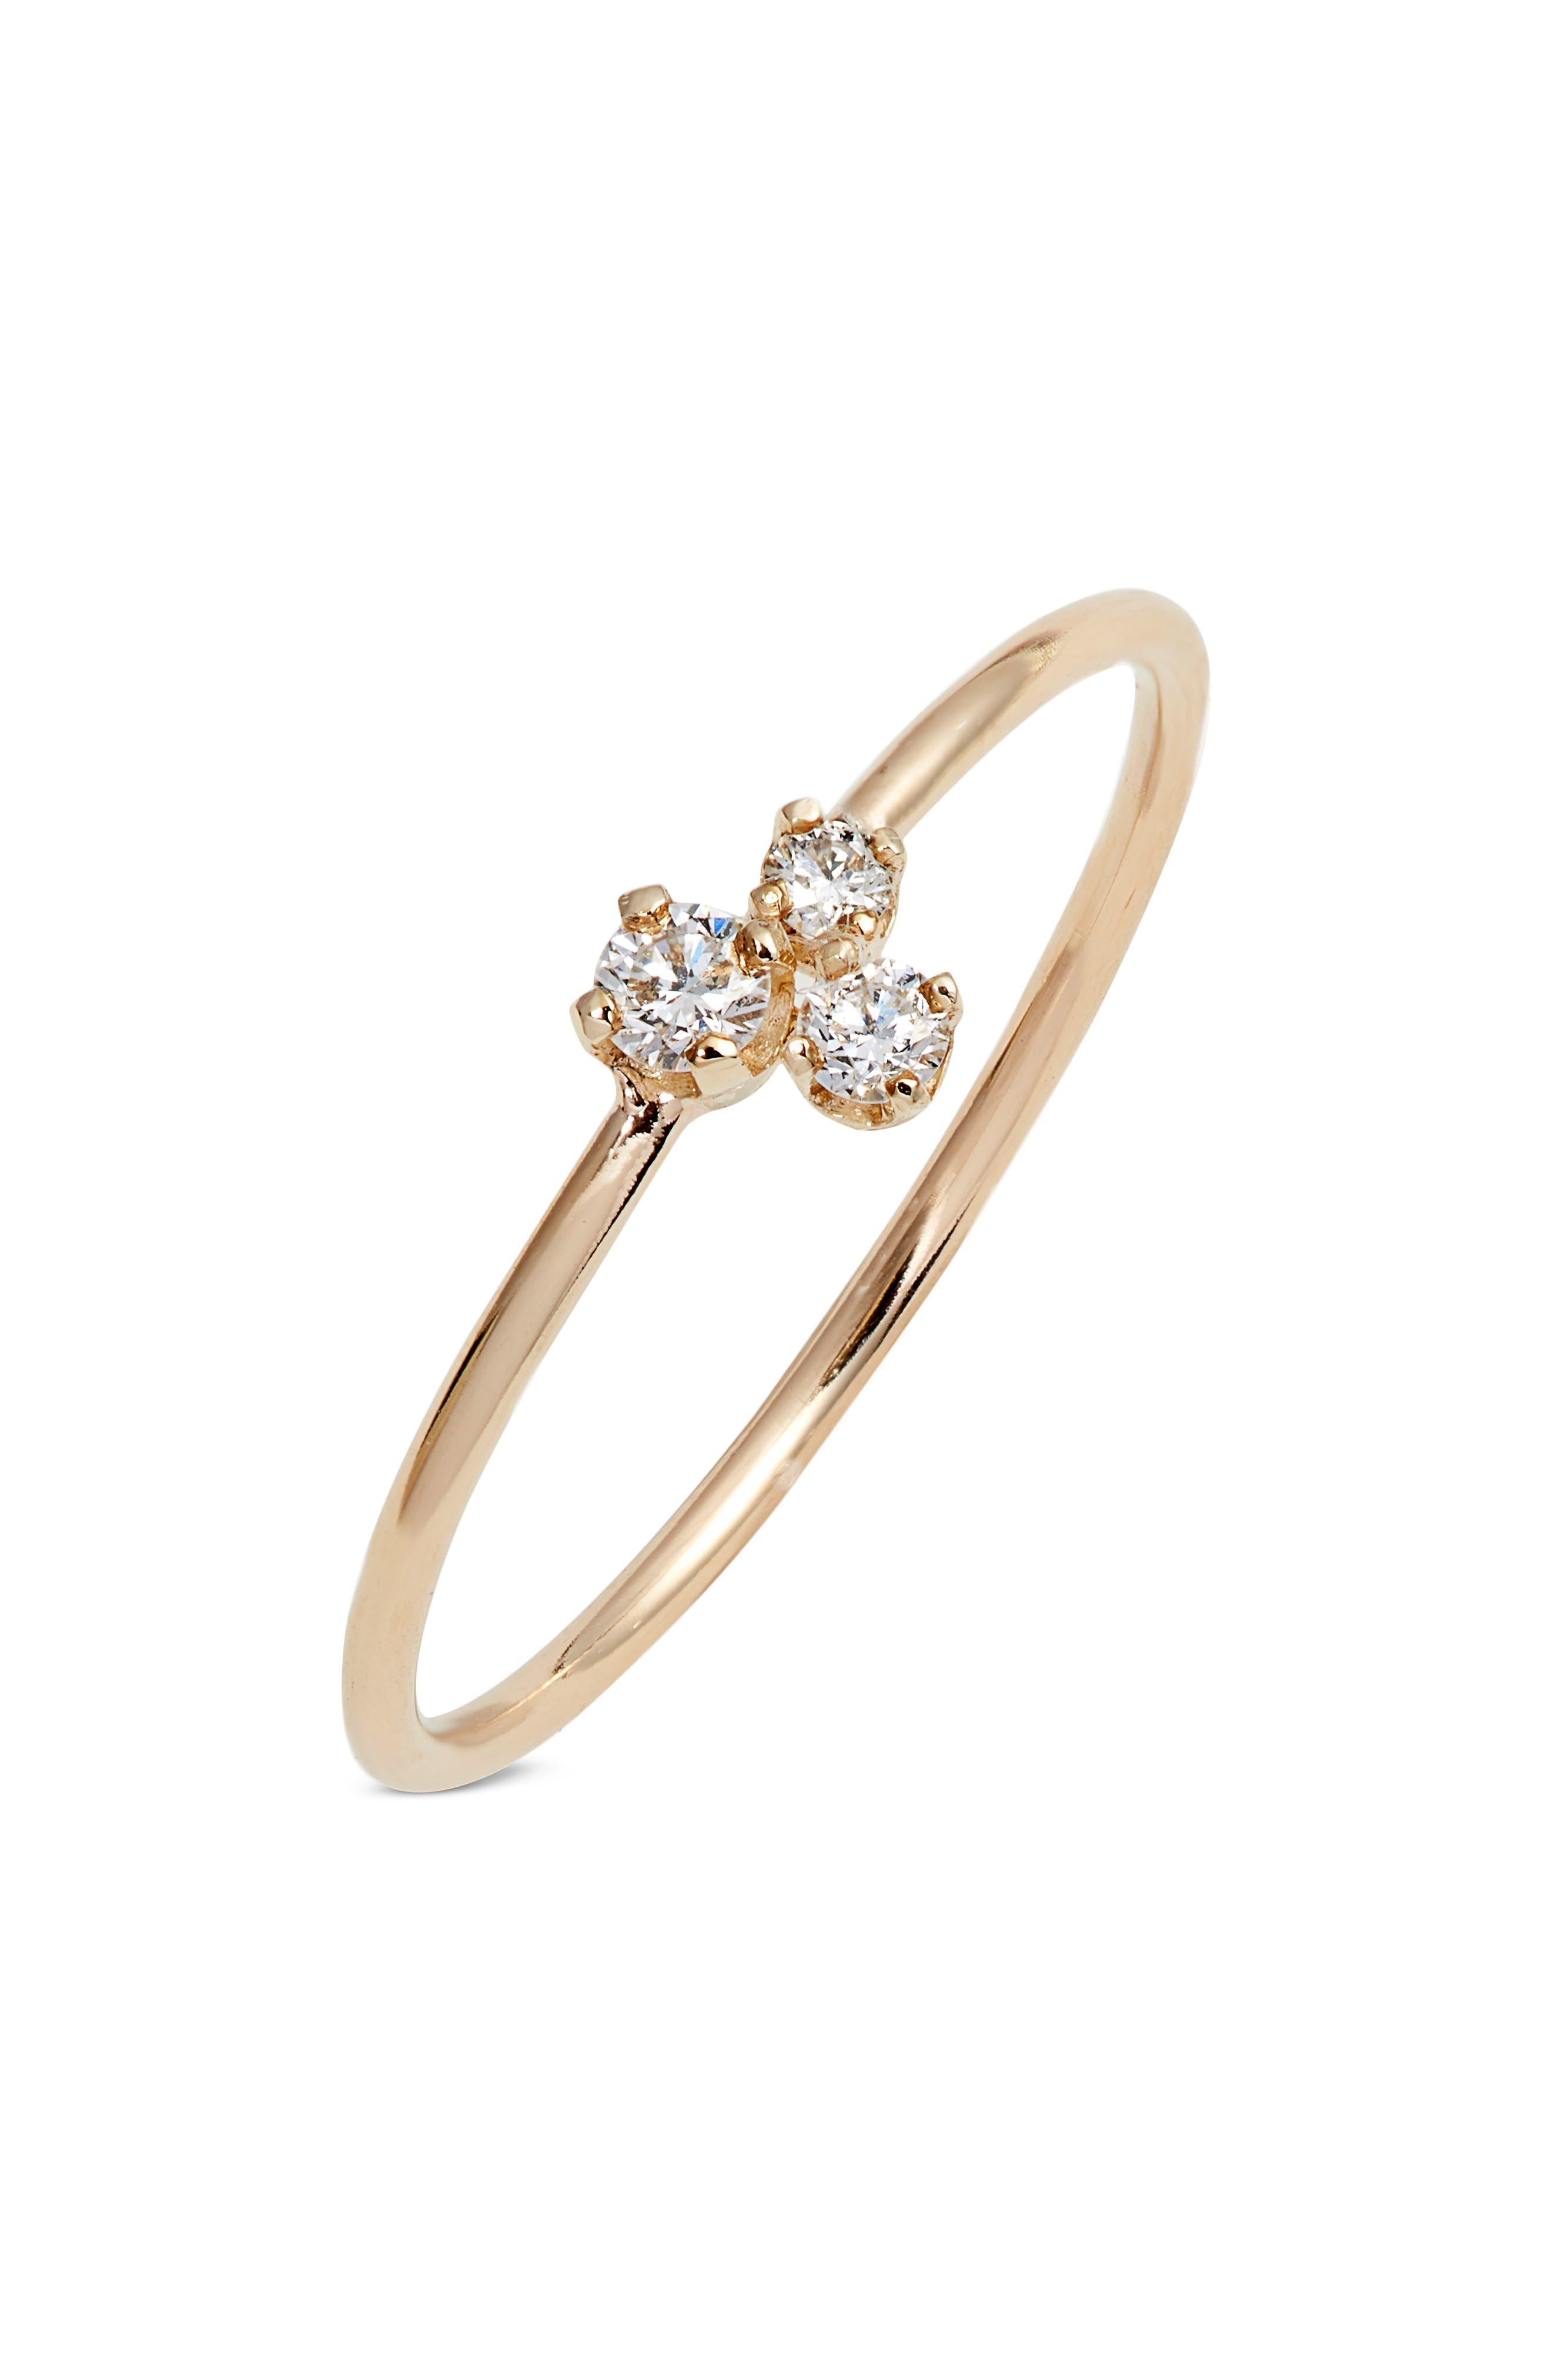 Zoe Chicco Mixed Diamond Ring